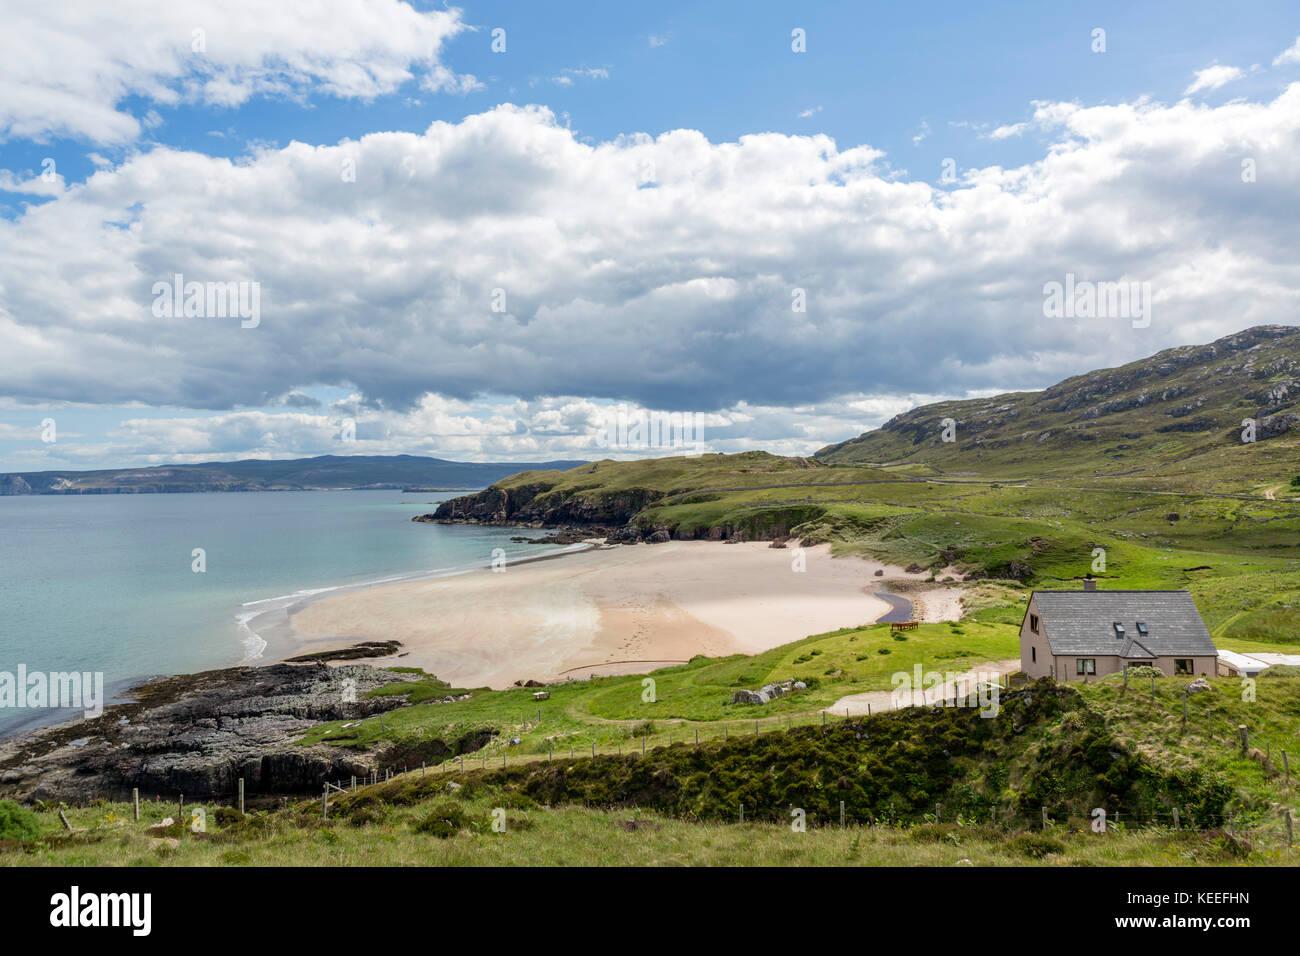 House on the beach at Sangobeg, near Durness, Sutherland, Scottish Highlands, Scotland, UK - Stock Image